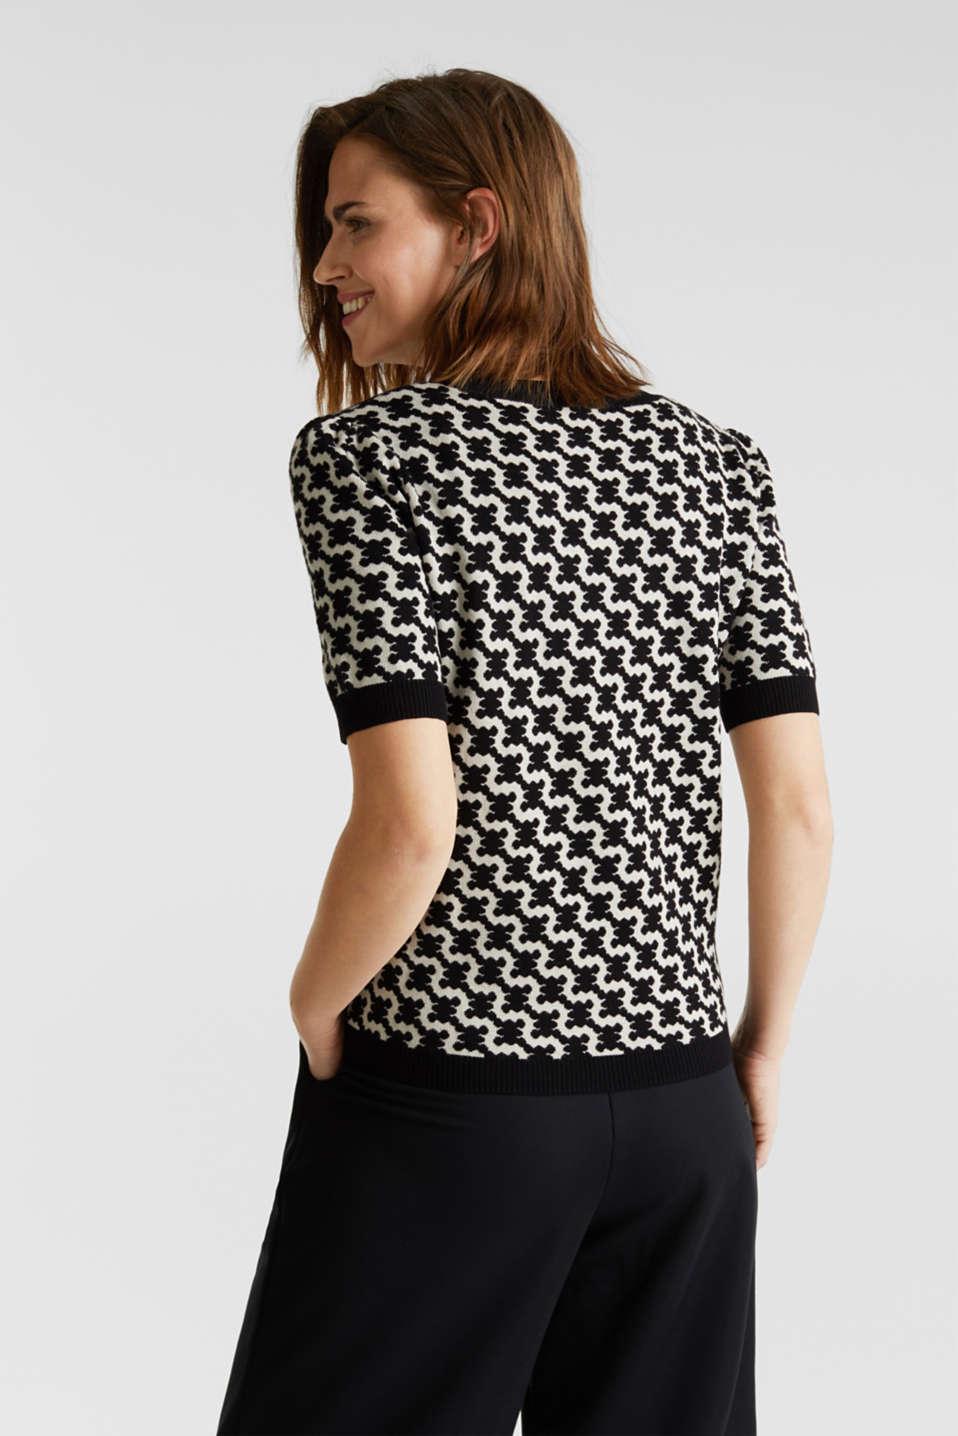 Short-sleeved jumper in a jacquard look, BLACK 3, detail image number 3